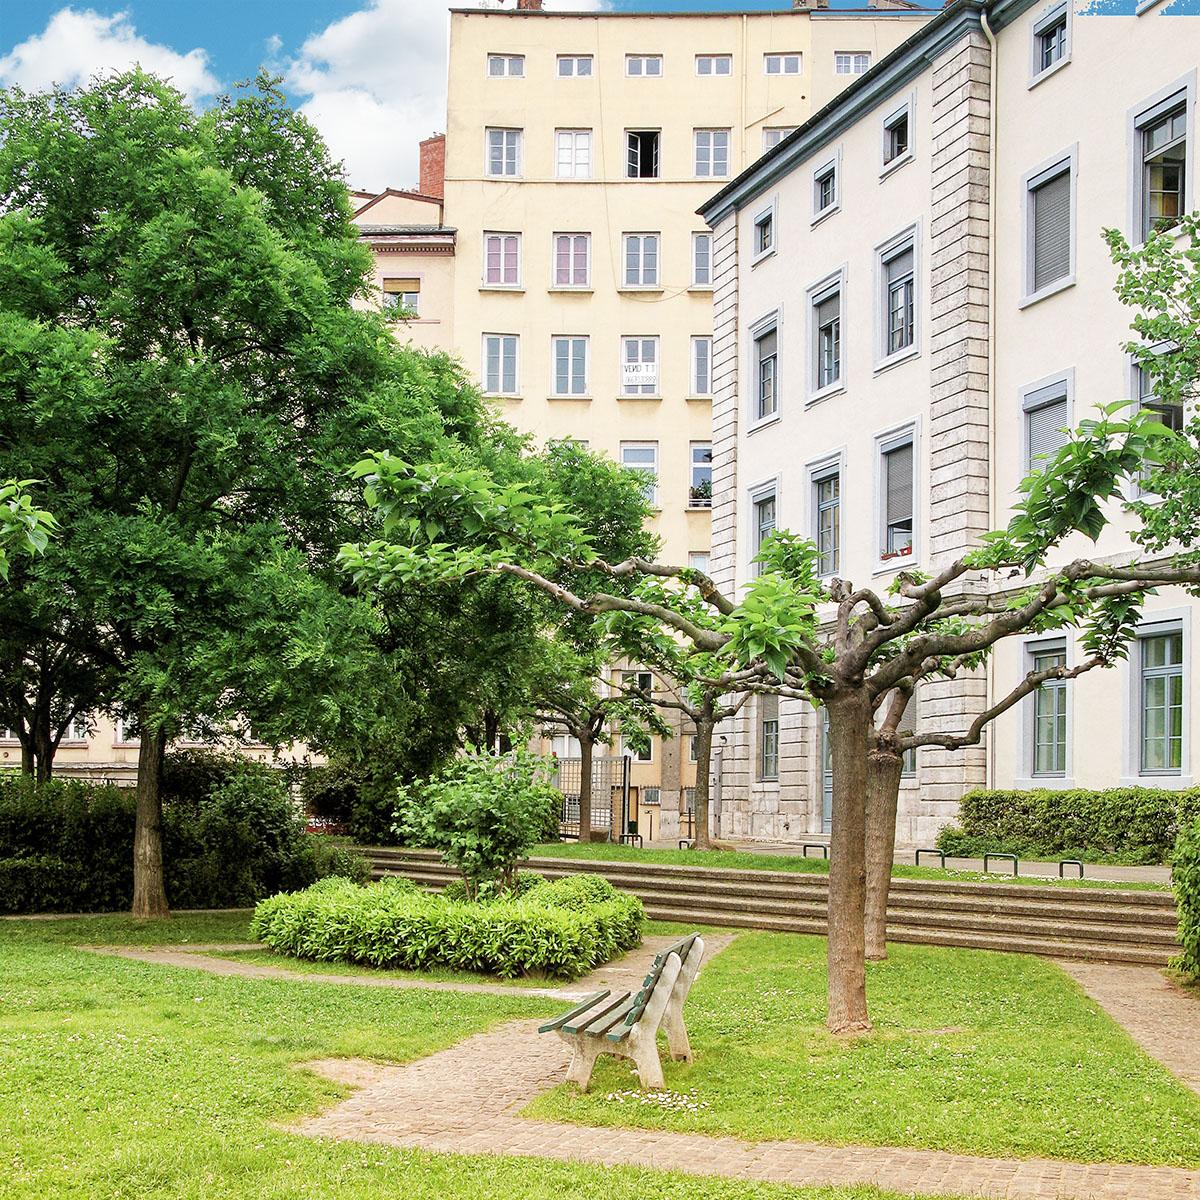 R sidence villemanzy mont e saint s bastien rue des fantasques lyon 1er - Jardin villemanzy lyon lyon ...